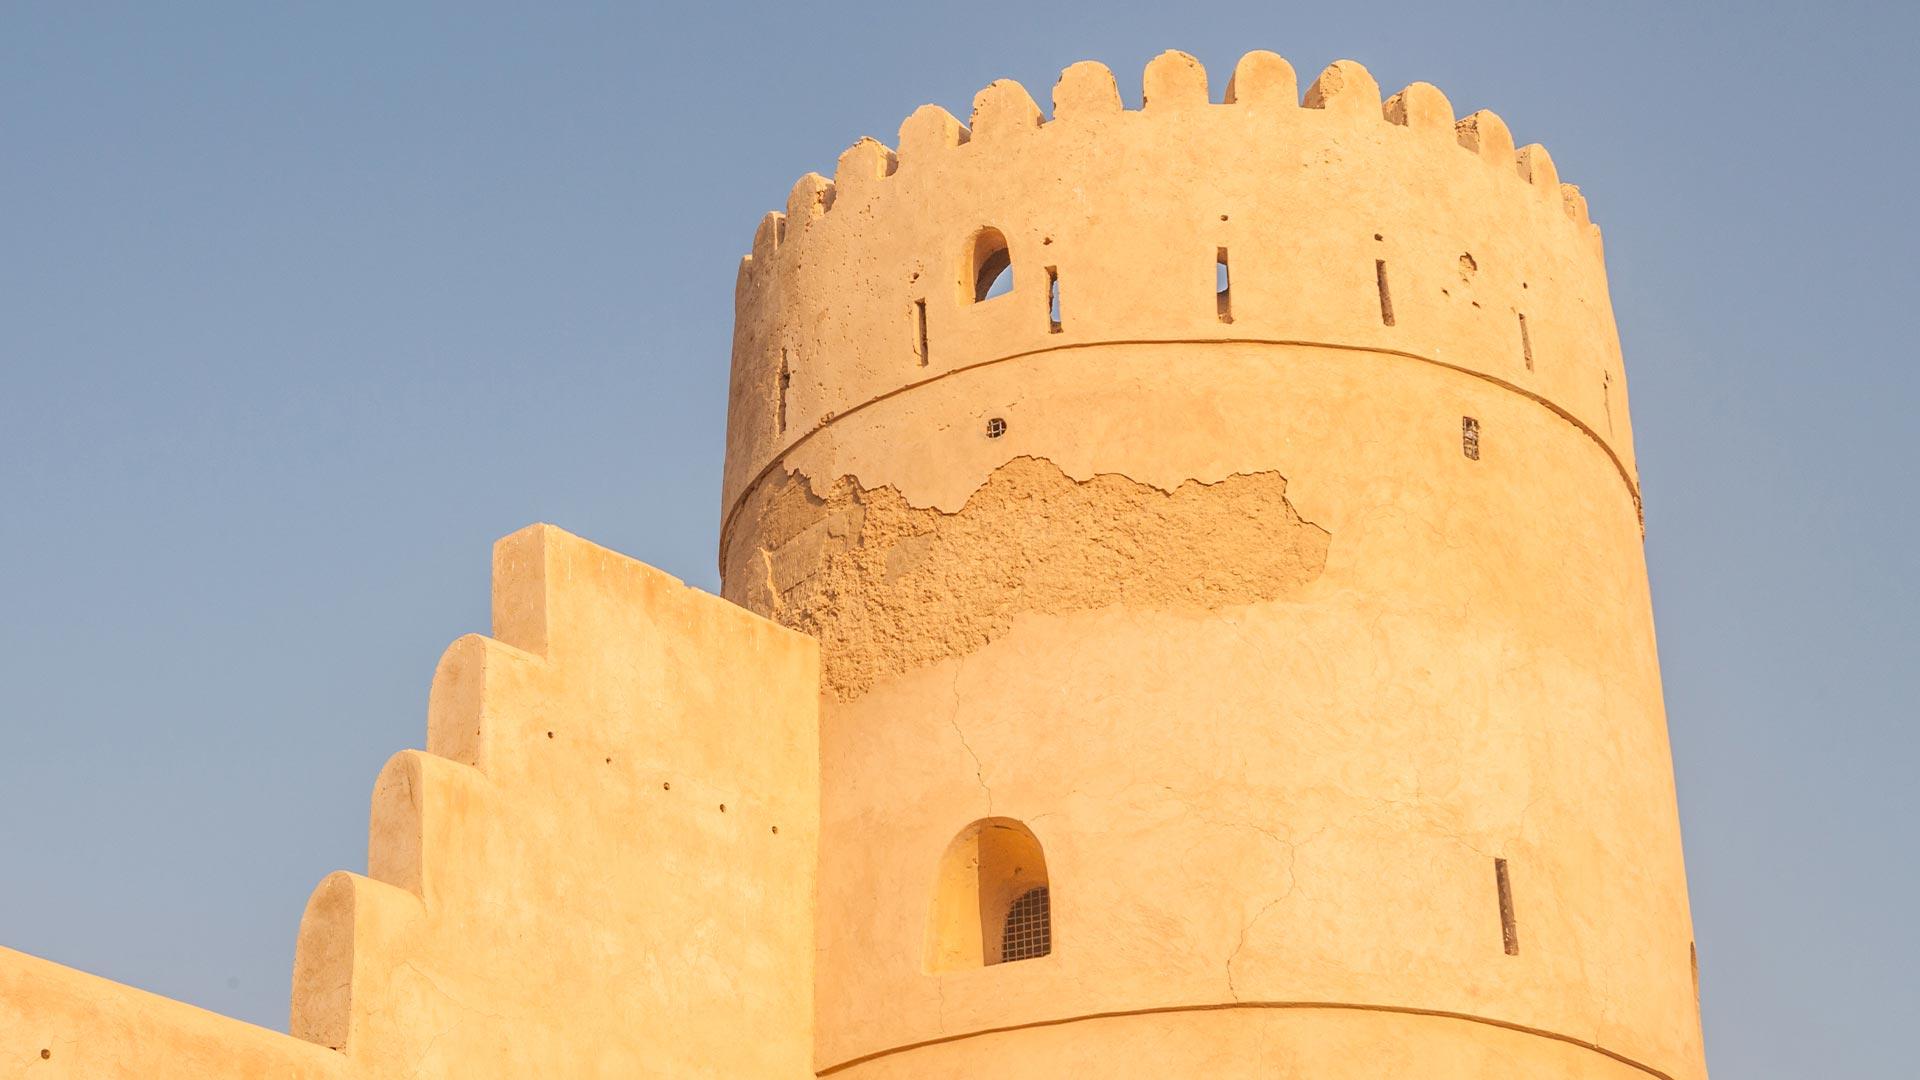 Torre - FOTOS y VÍDEOS 360 para descargar - Descargas360.com